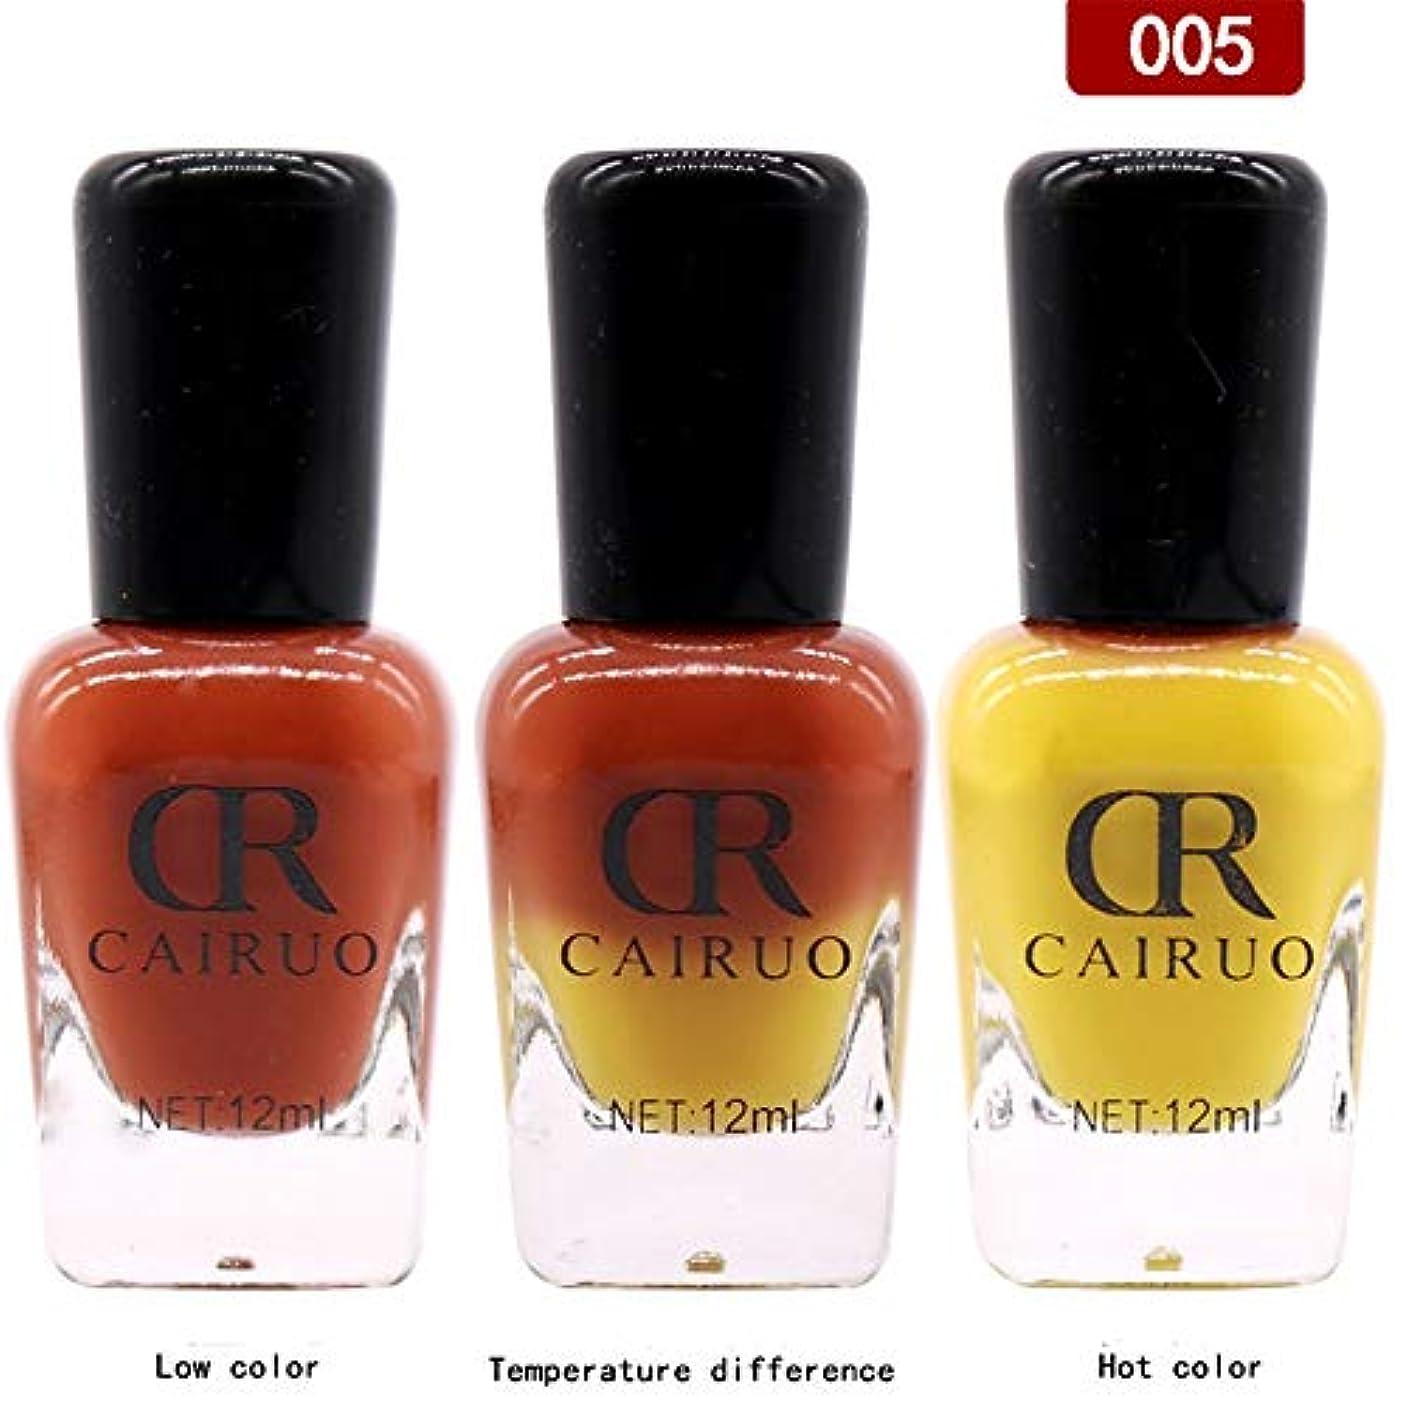 放置プリーツ喪カラージェル 温度により色が変化 カメレオンジェルネイル 剥離可能 ネイルアート 12ml/本 (005)